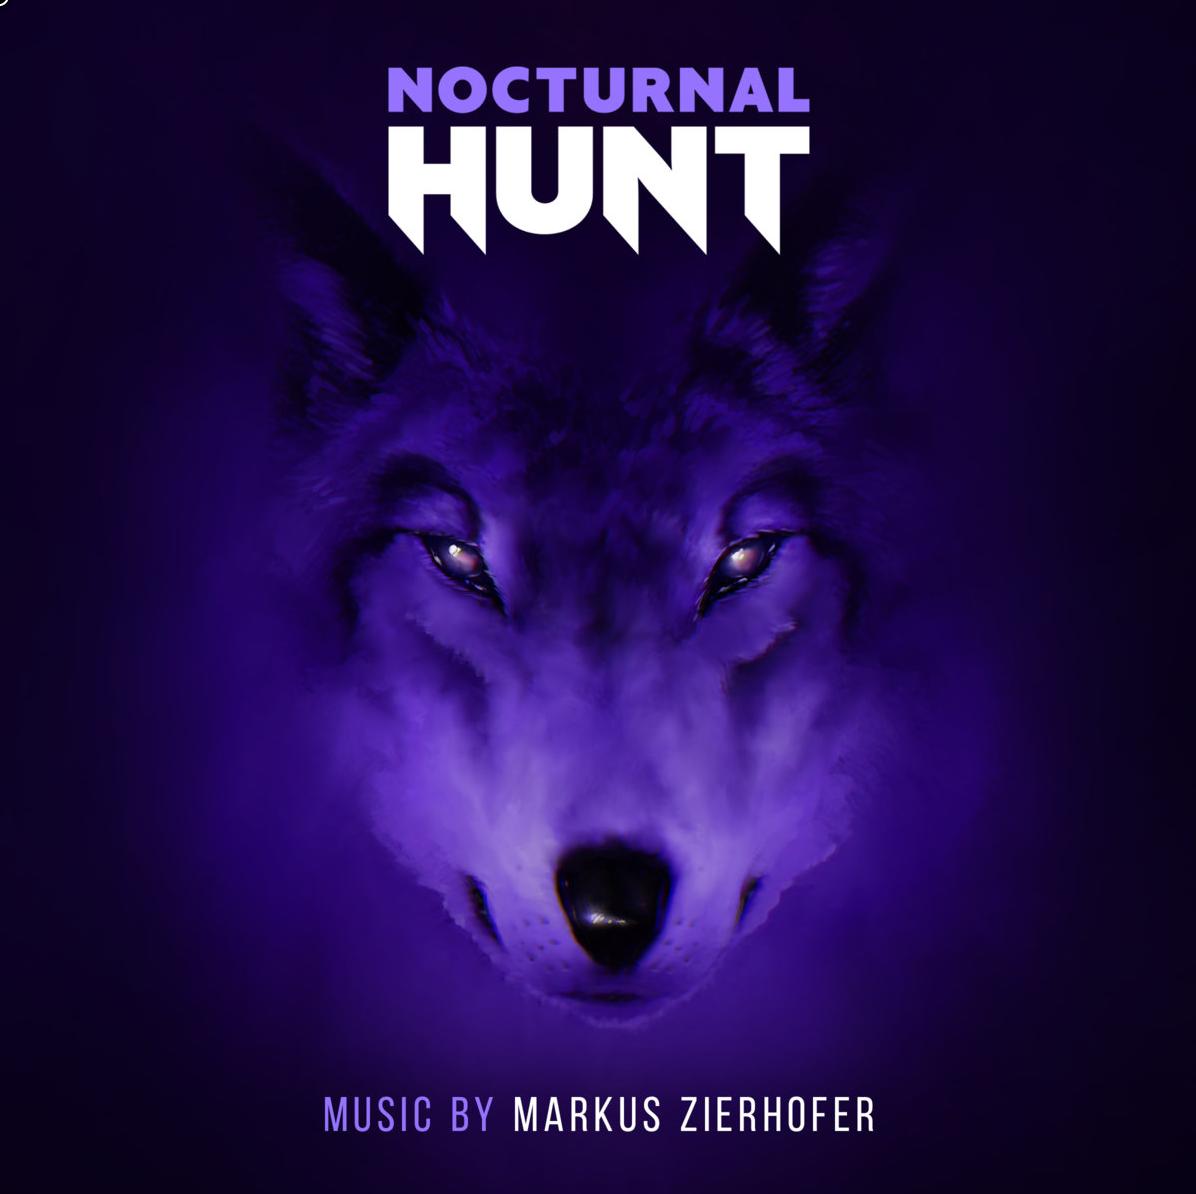 Soundtrack of Nocturnal Hunt - Nominated for  best game soundtrack 2018